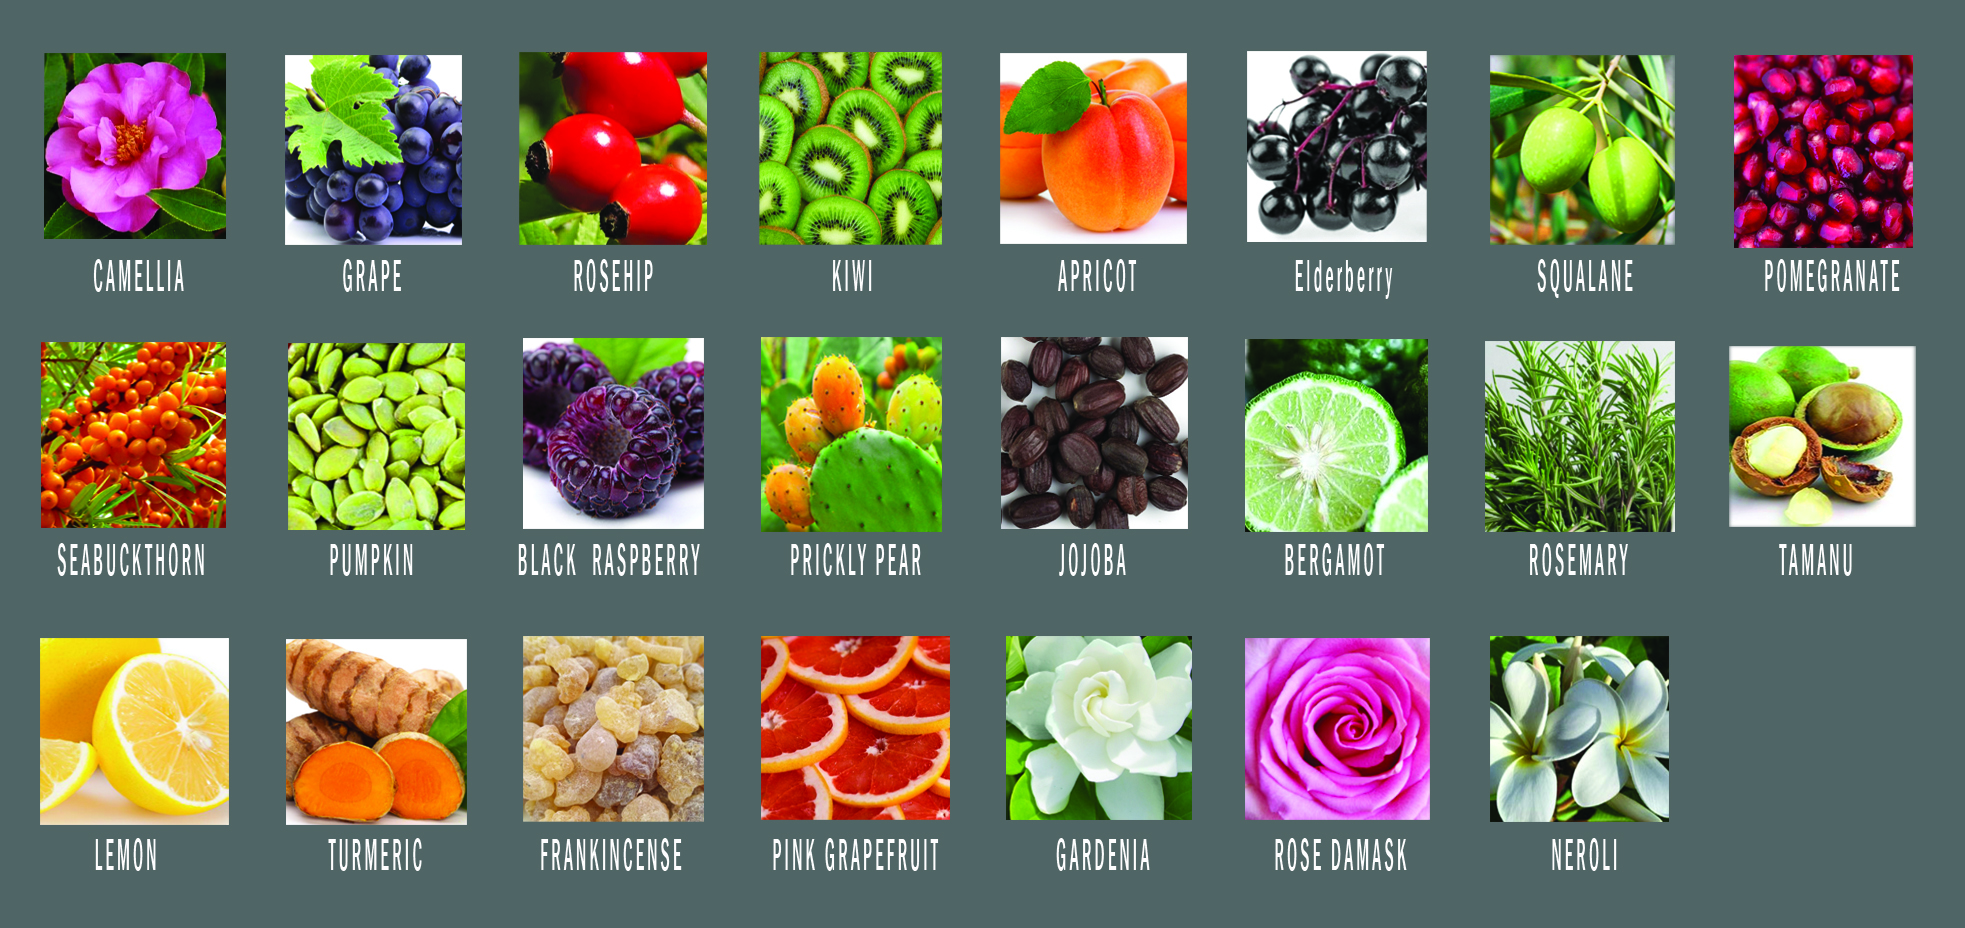 youth-oil-ingredients-copy.jpg